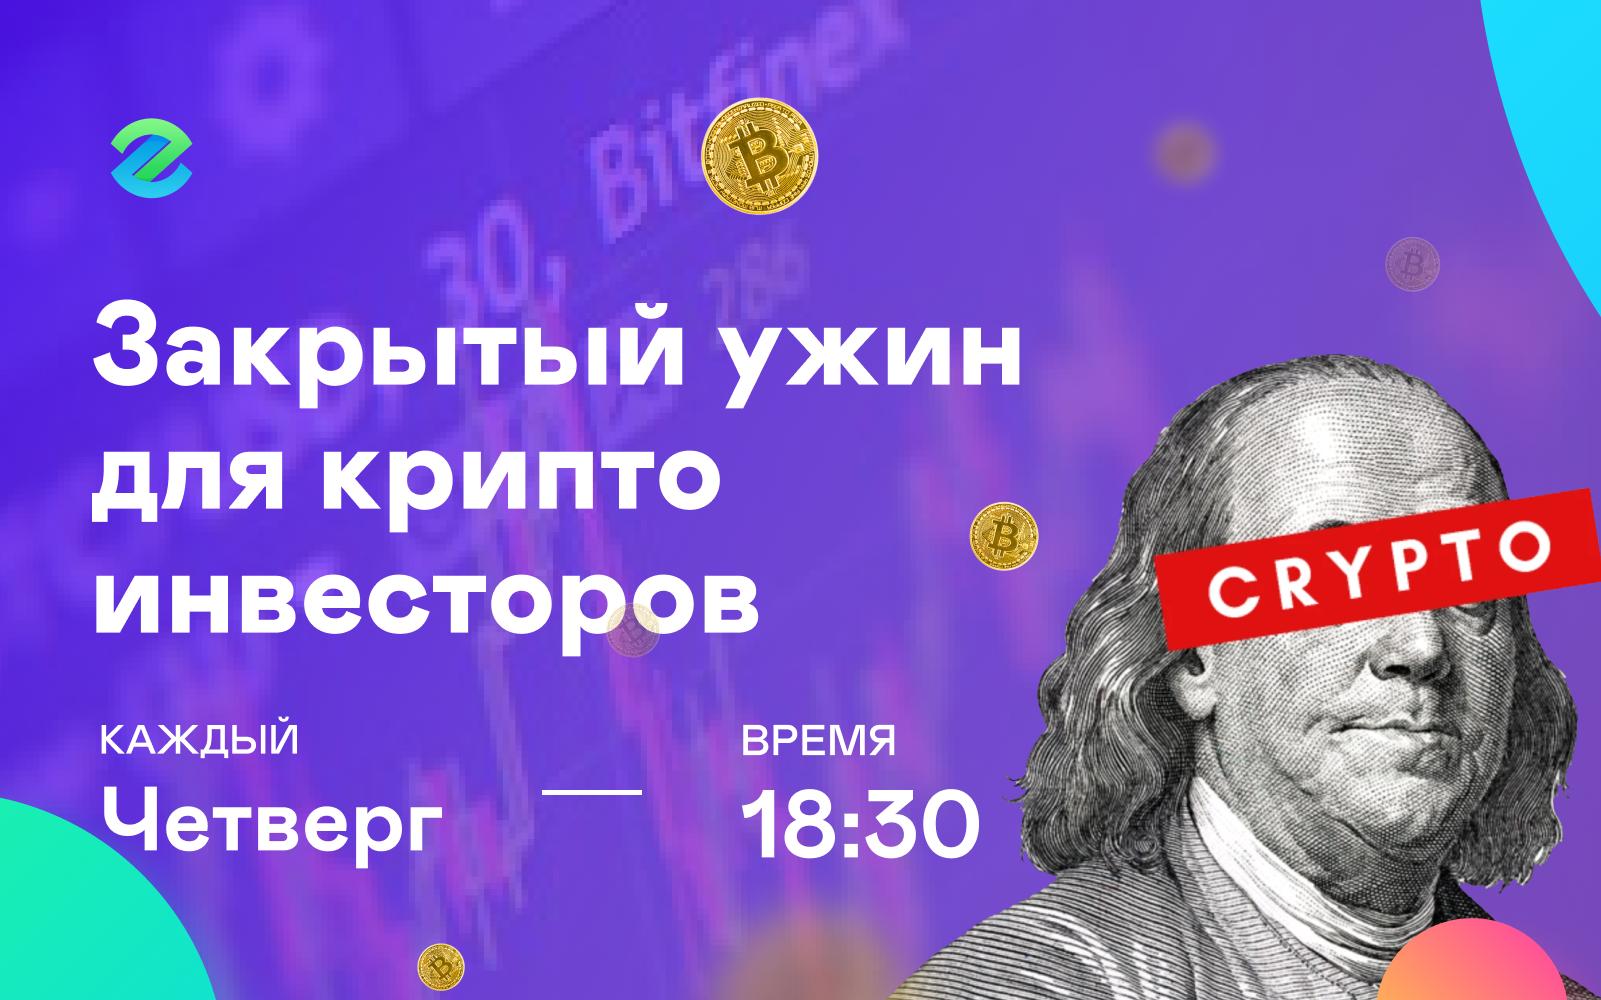 crypto for newbies - Закрытый ужин для крипто инвесторов